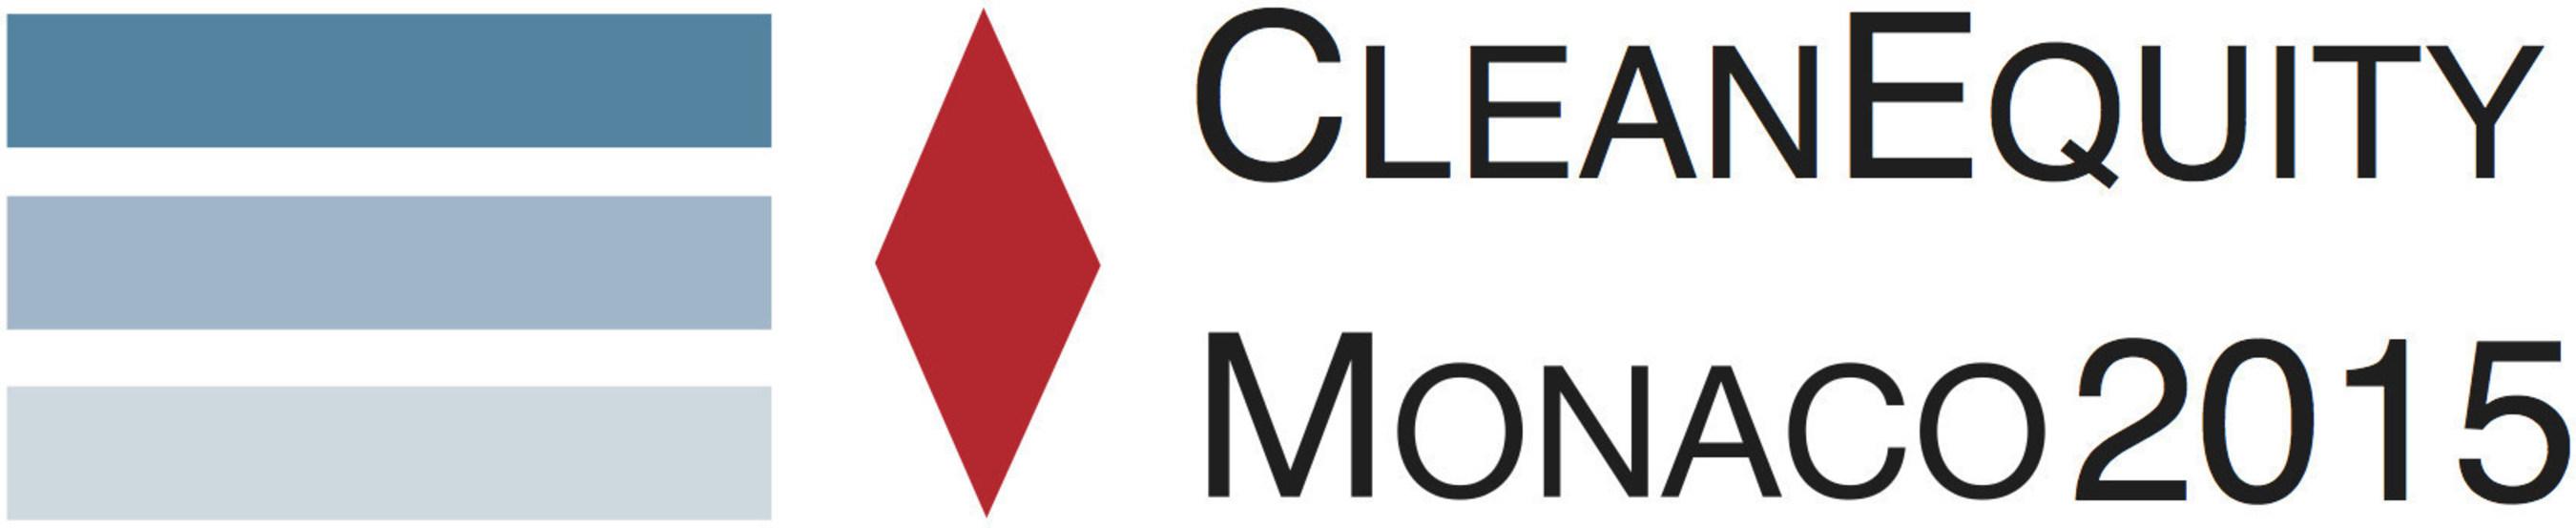 CleanEquity Monaco 2015 (PRNewsFoto/CleanEquity Monaco)